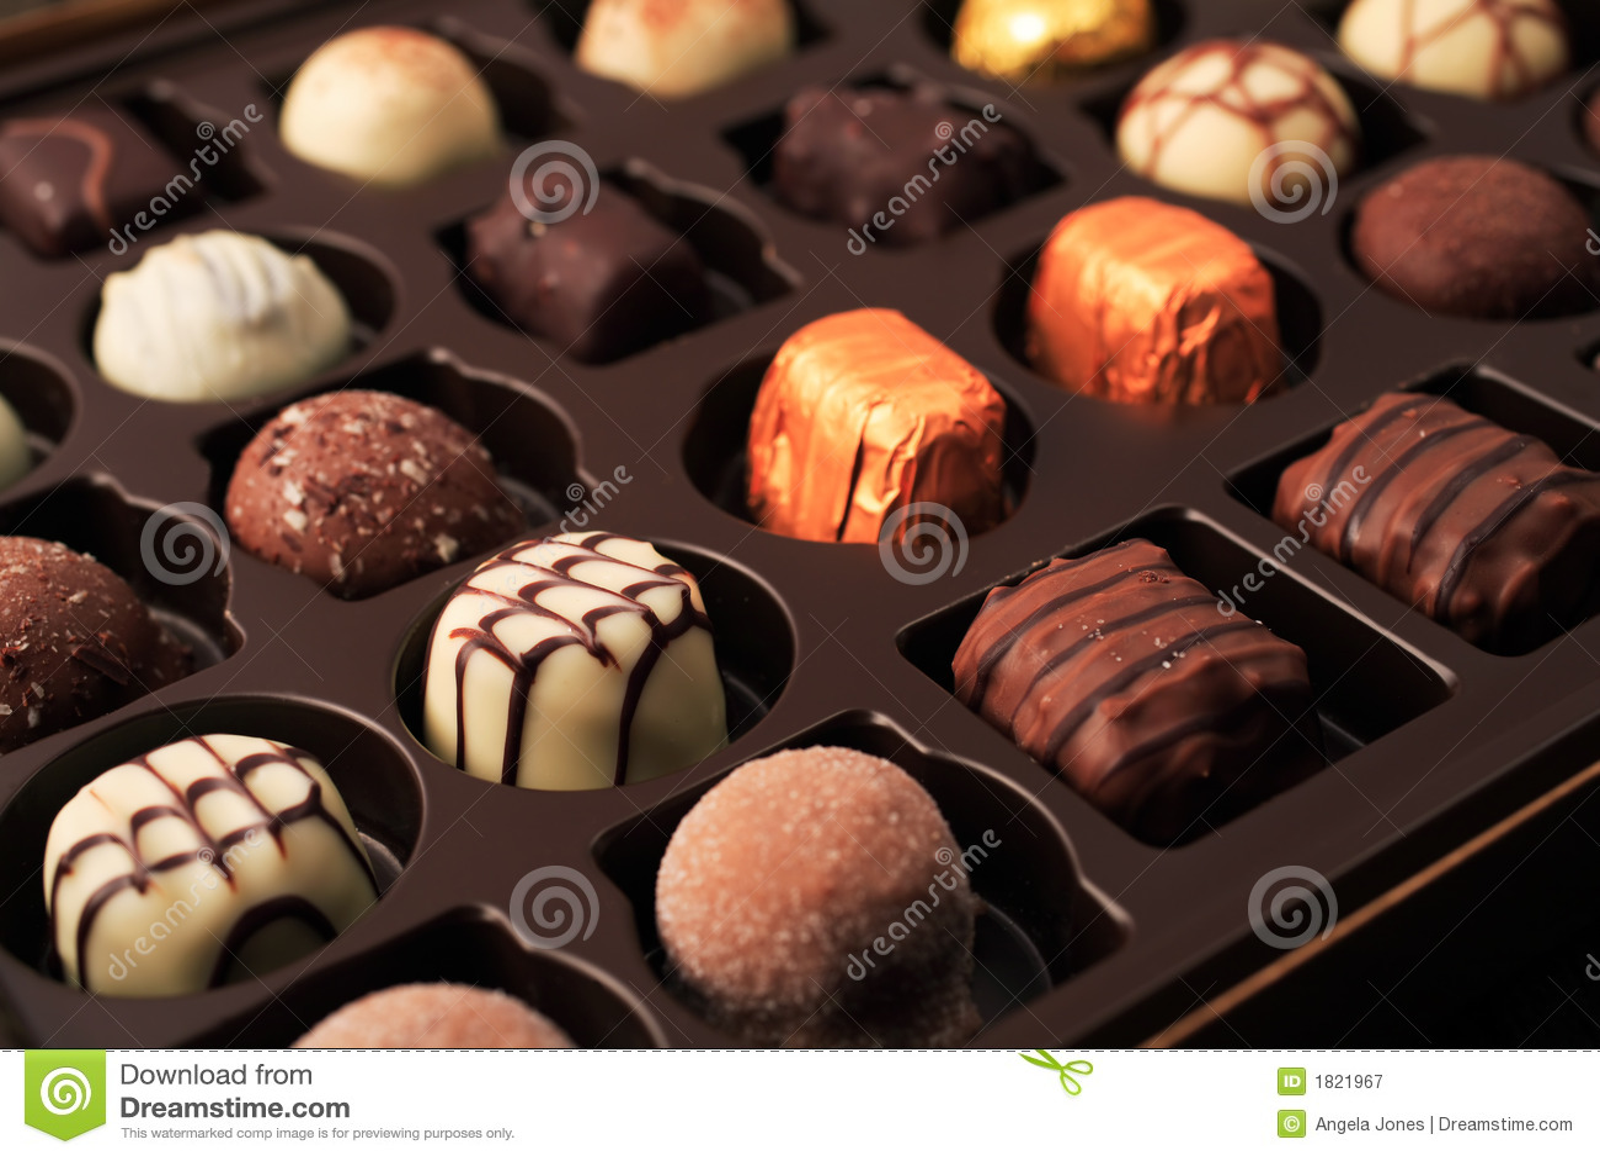 Luxury Chocolates Royalty Free Stock Photography Image